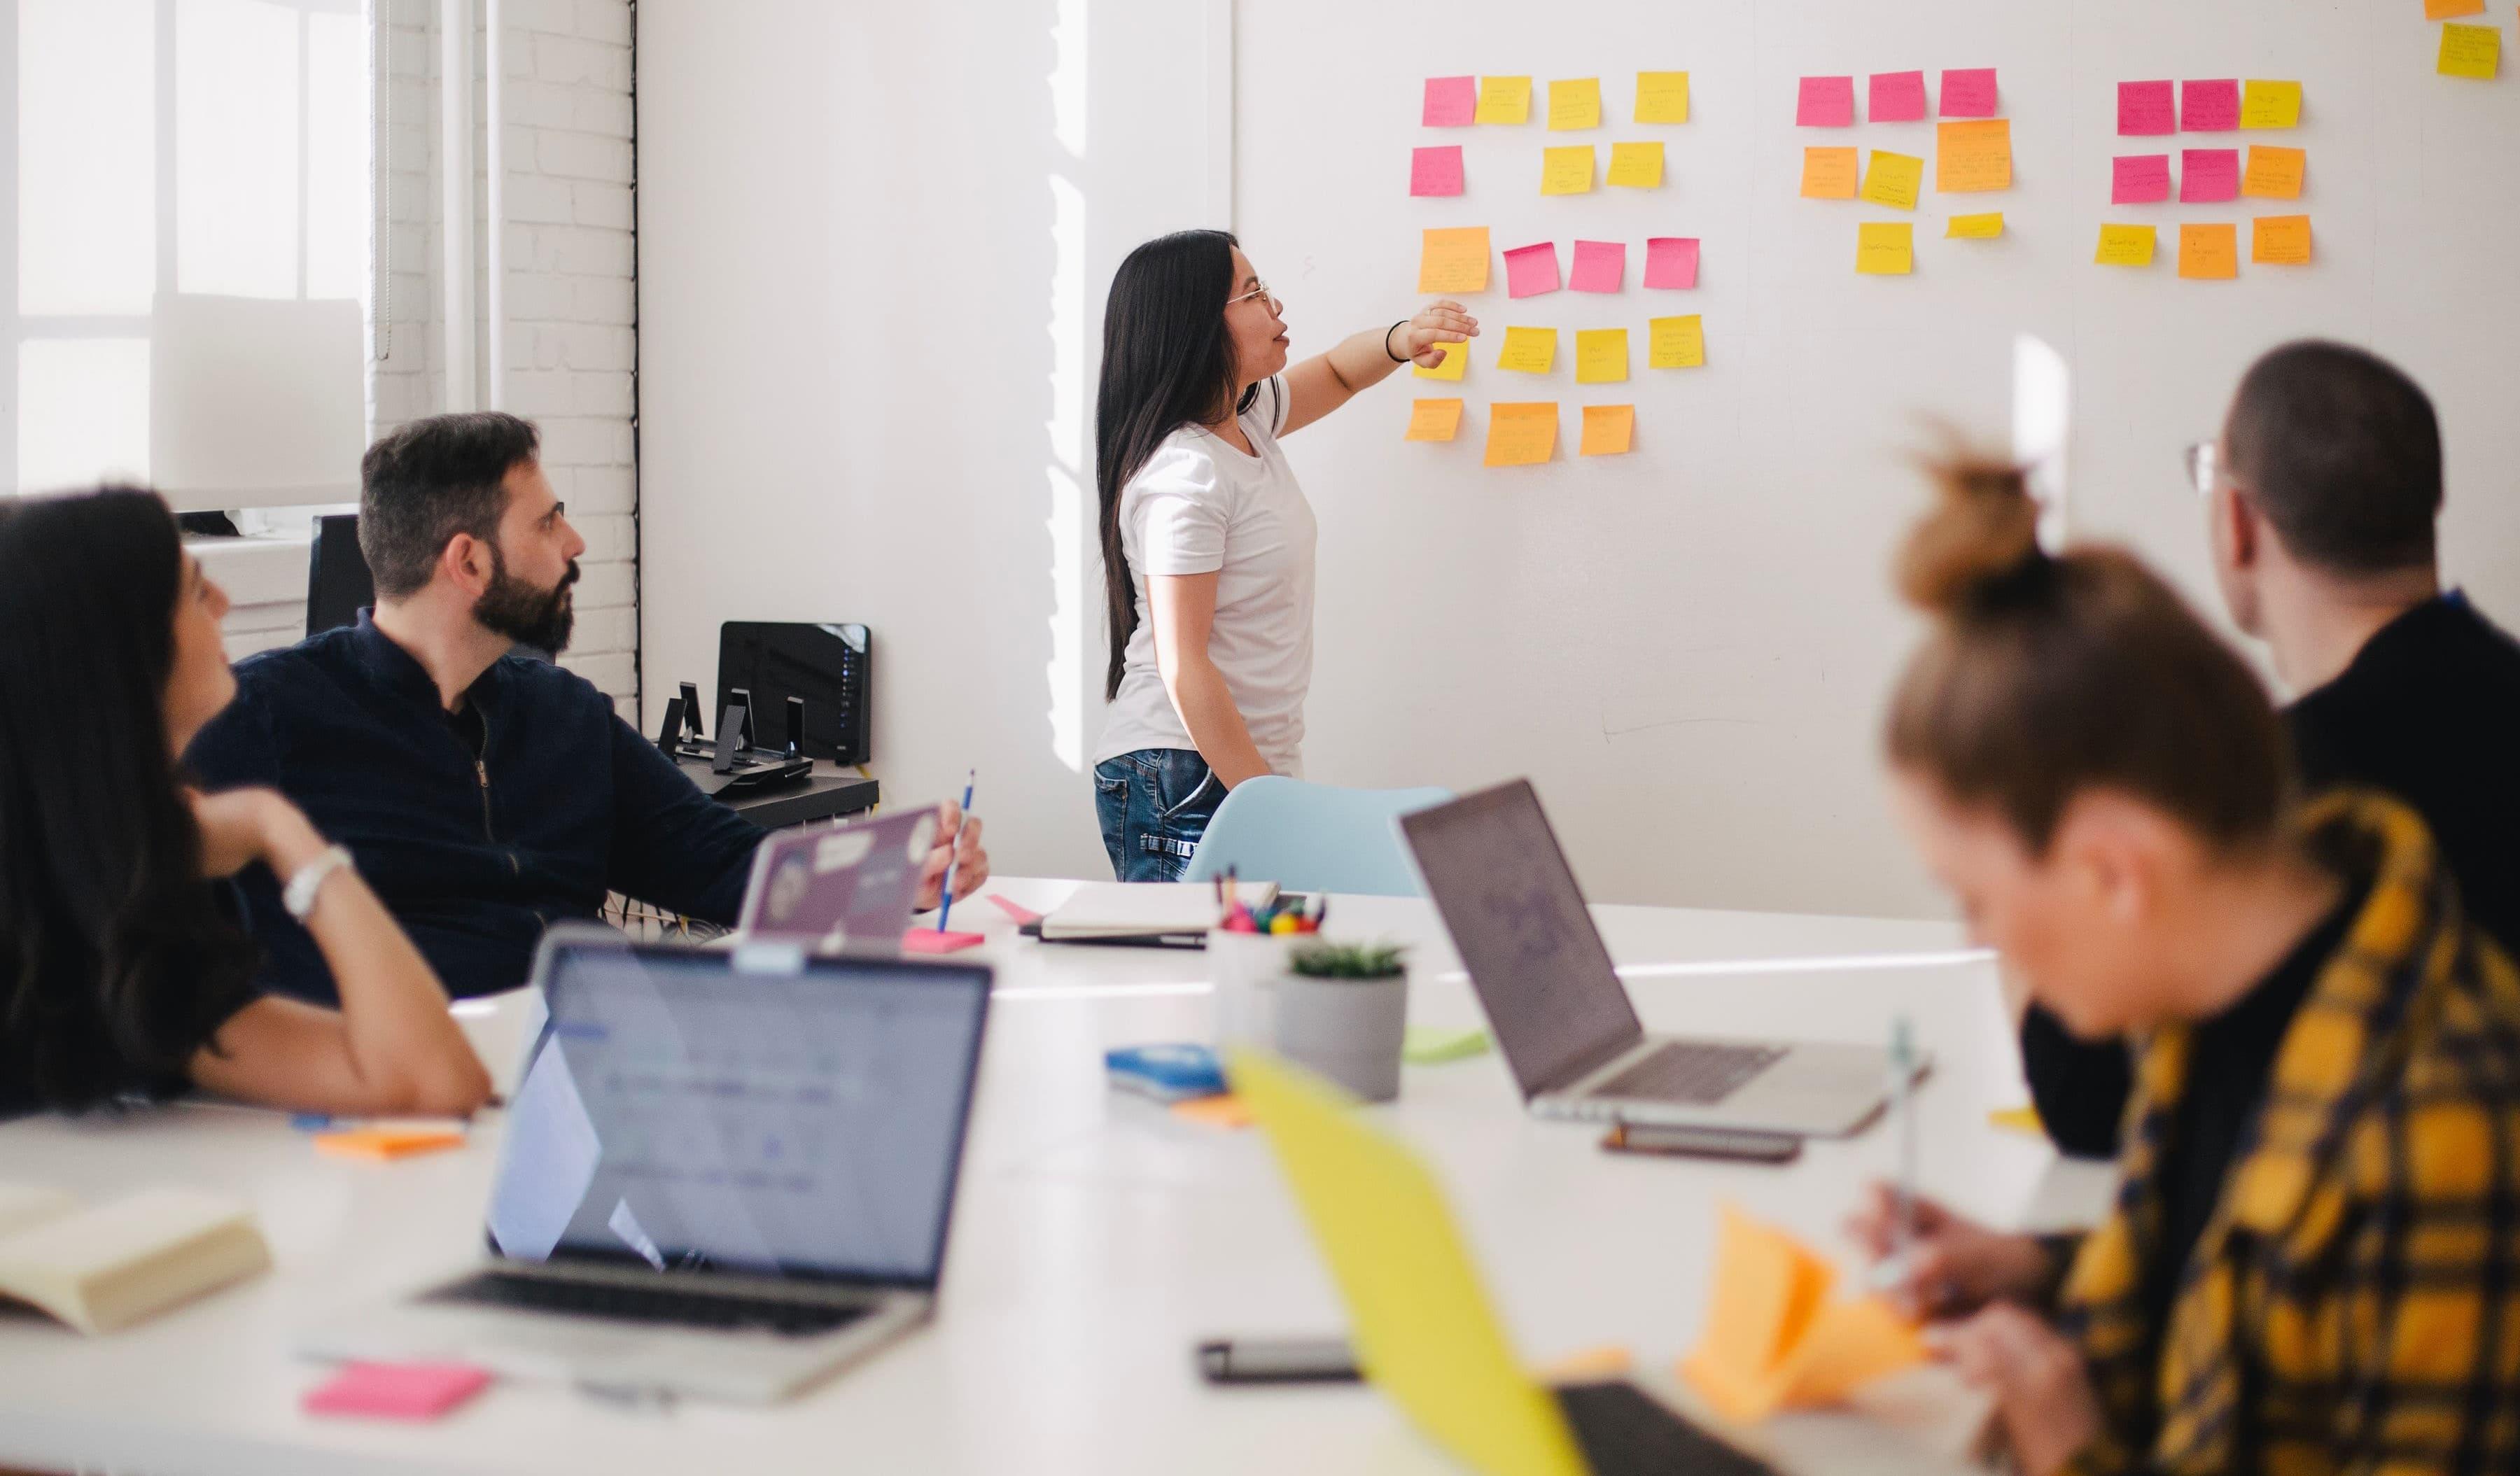 creative innovative workplace culture